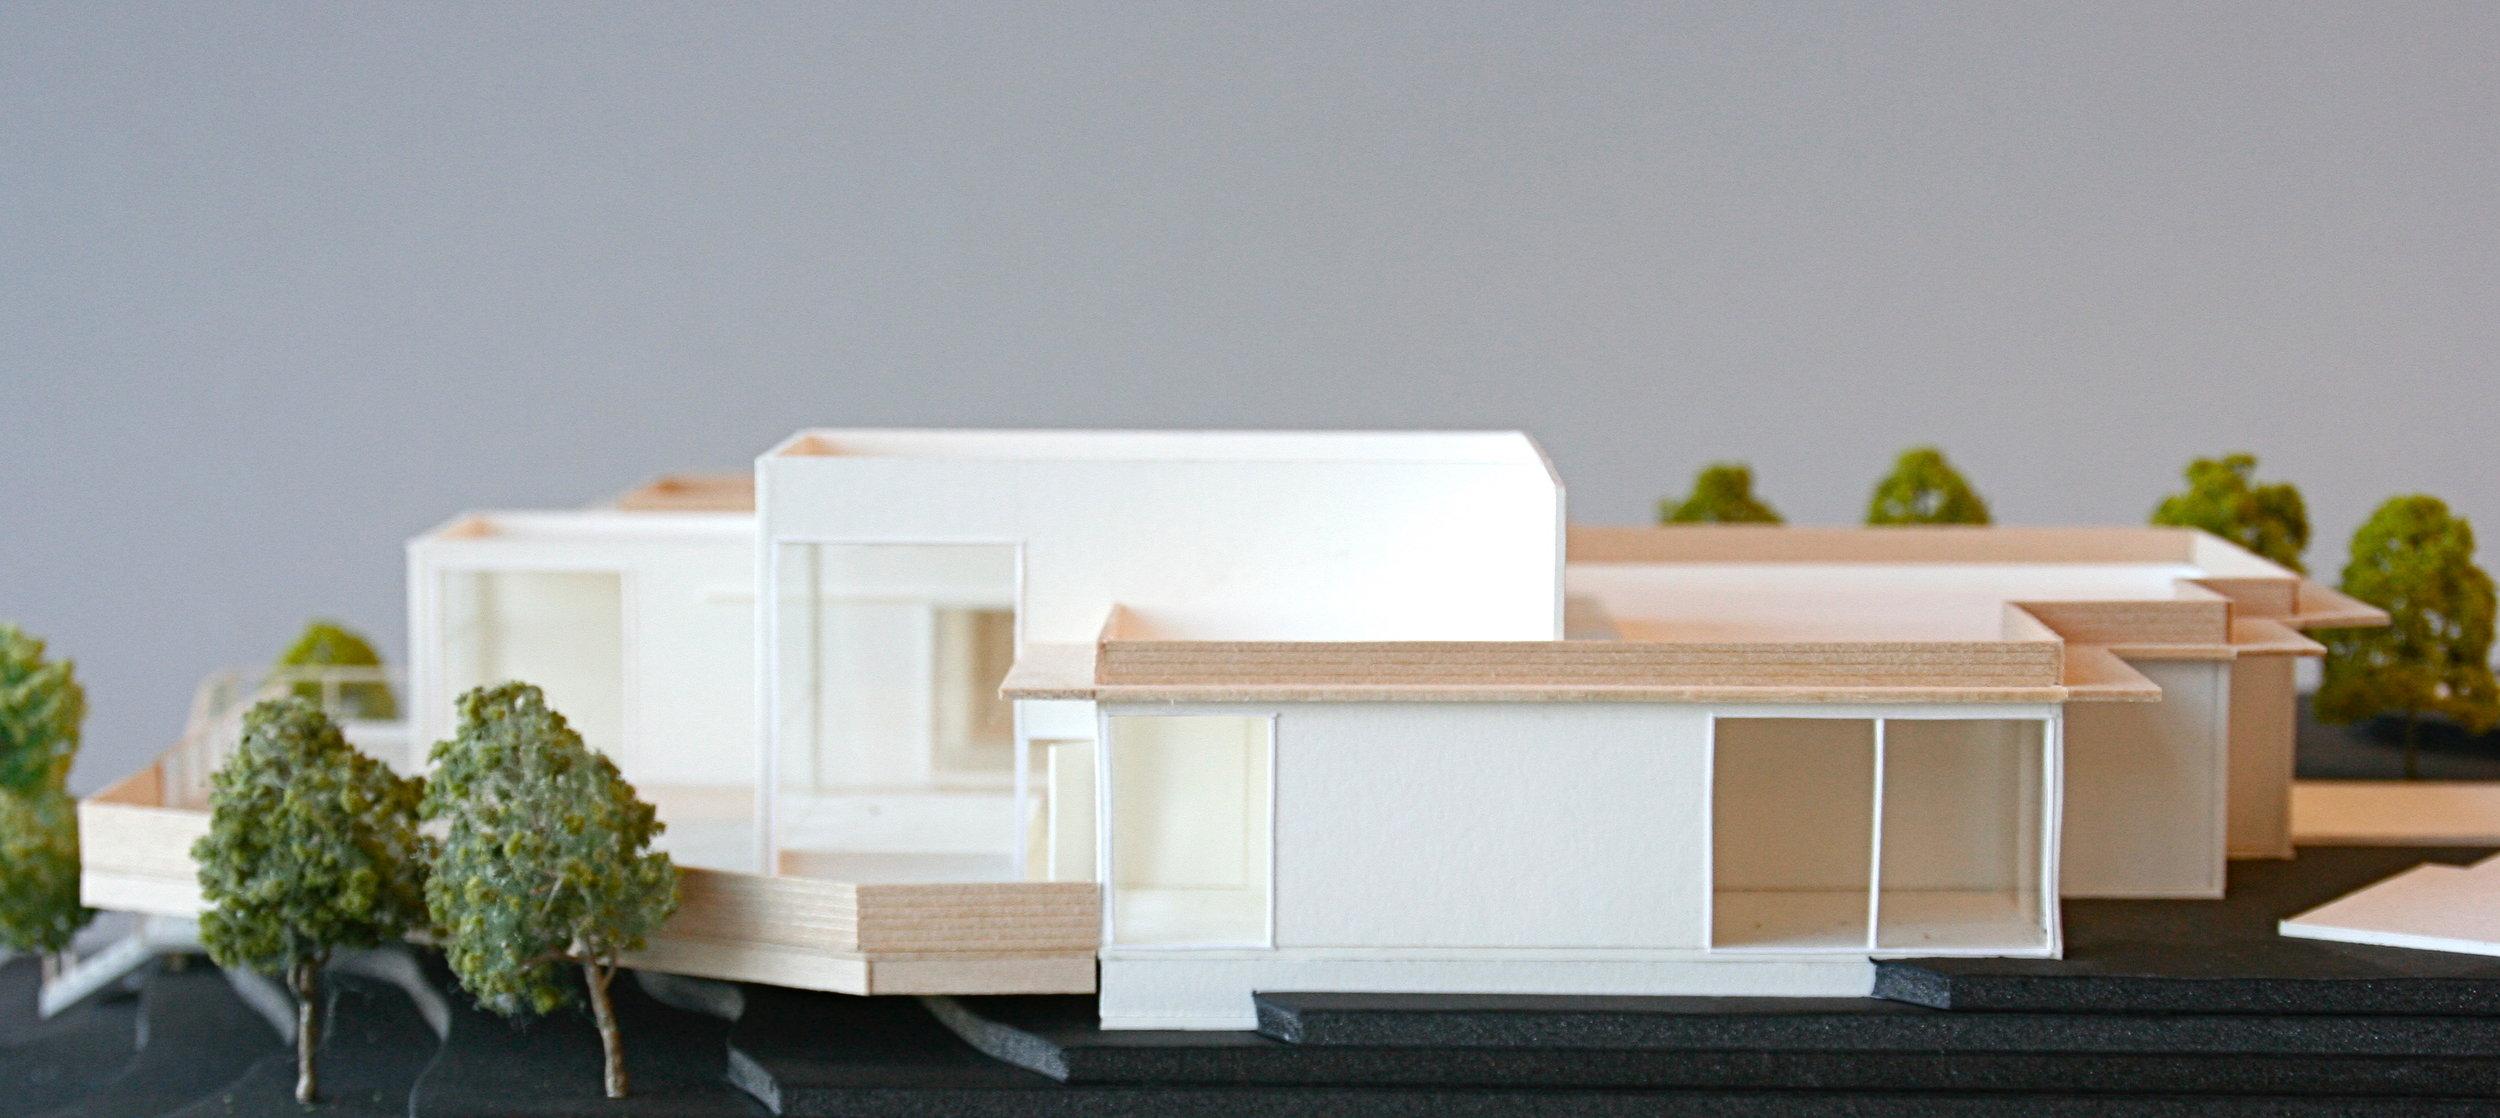 Eco House - 10.jpg